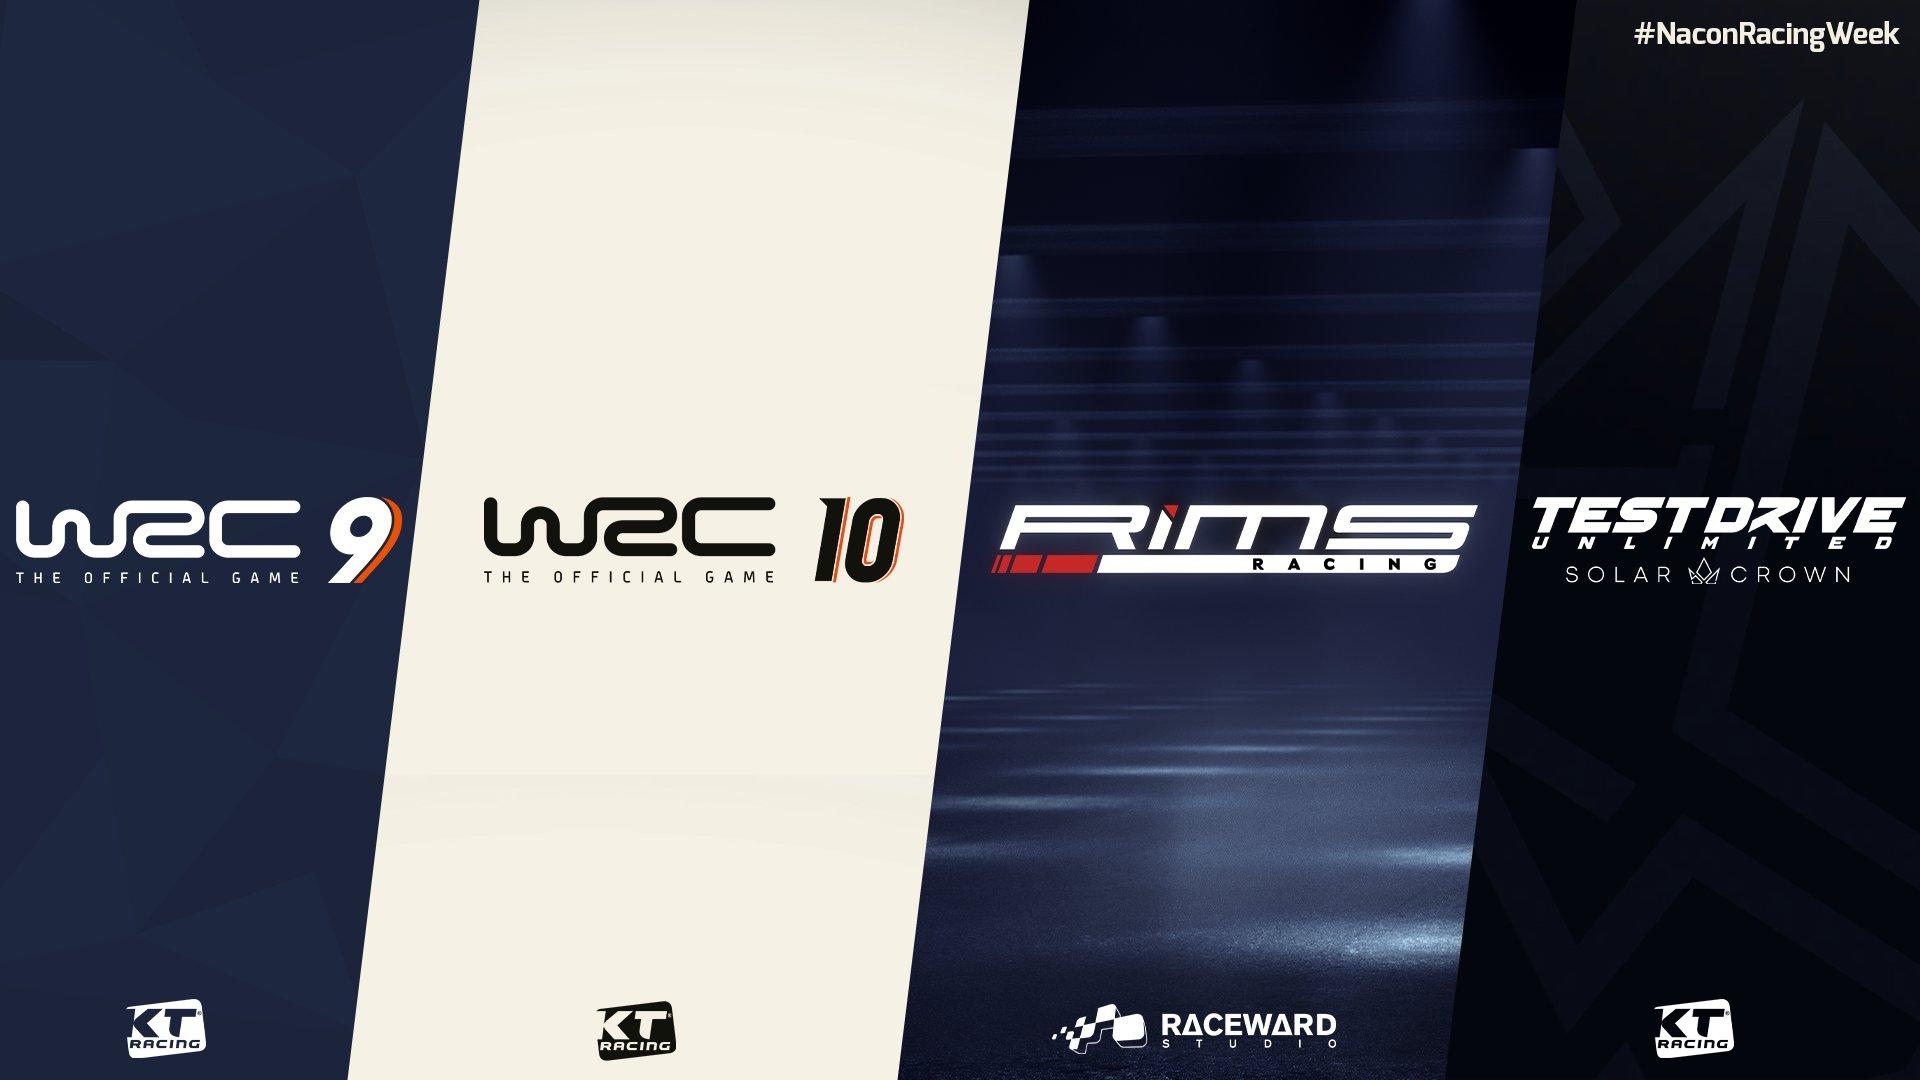 Nacon готовит сразу 4 гоночные игры. Среди них новая Test Drive Unlimited